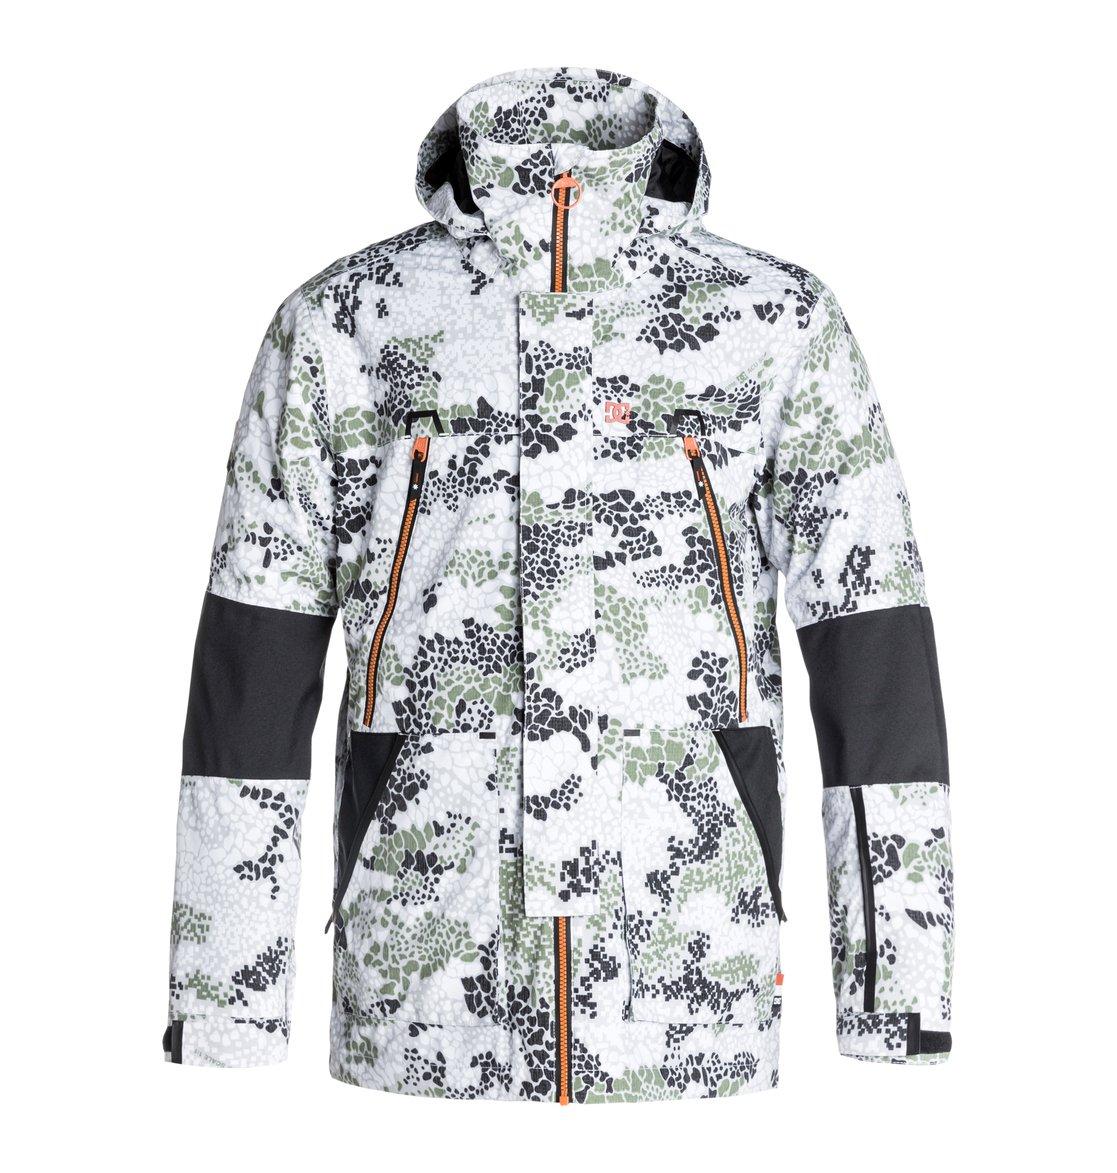 Ski clothes stores